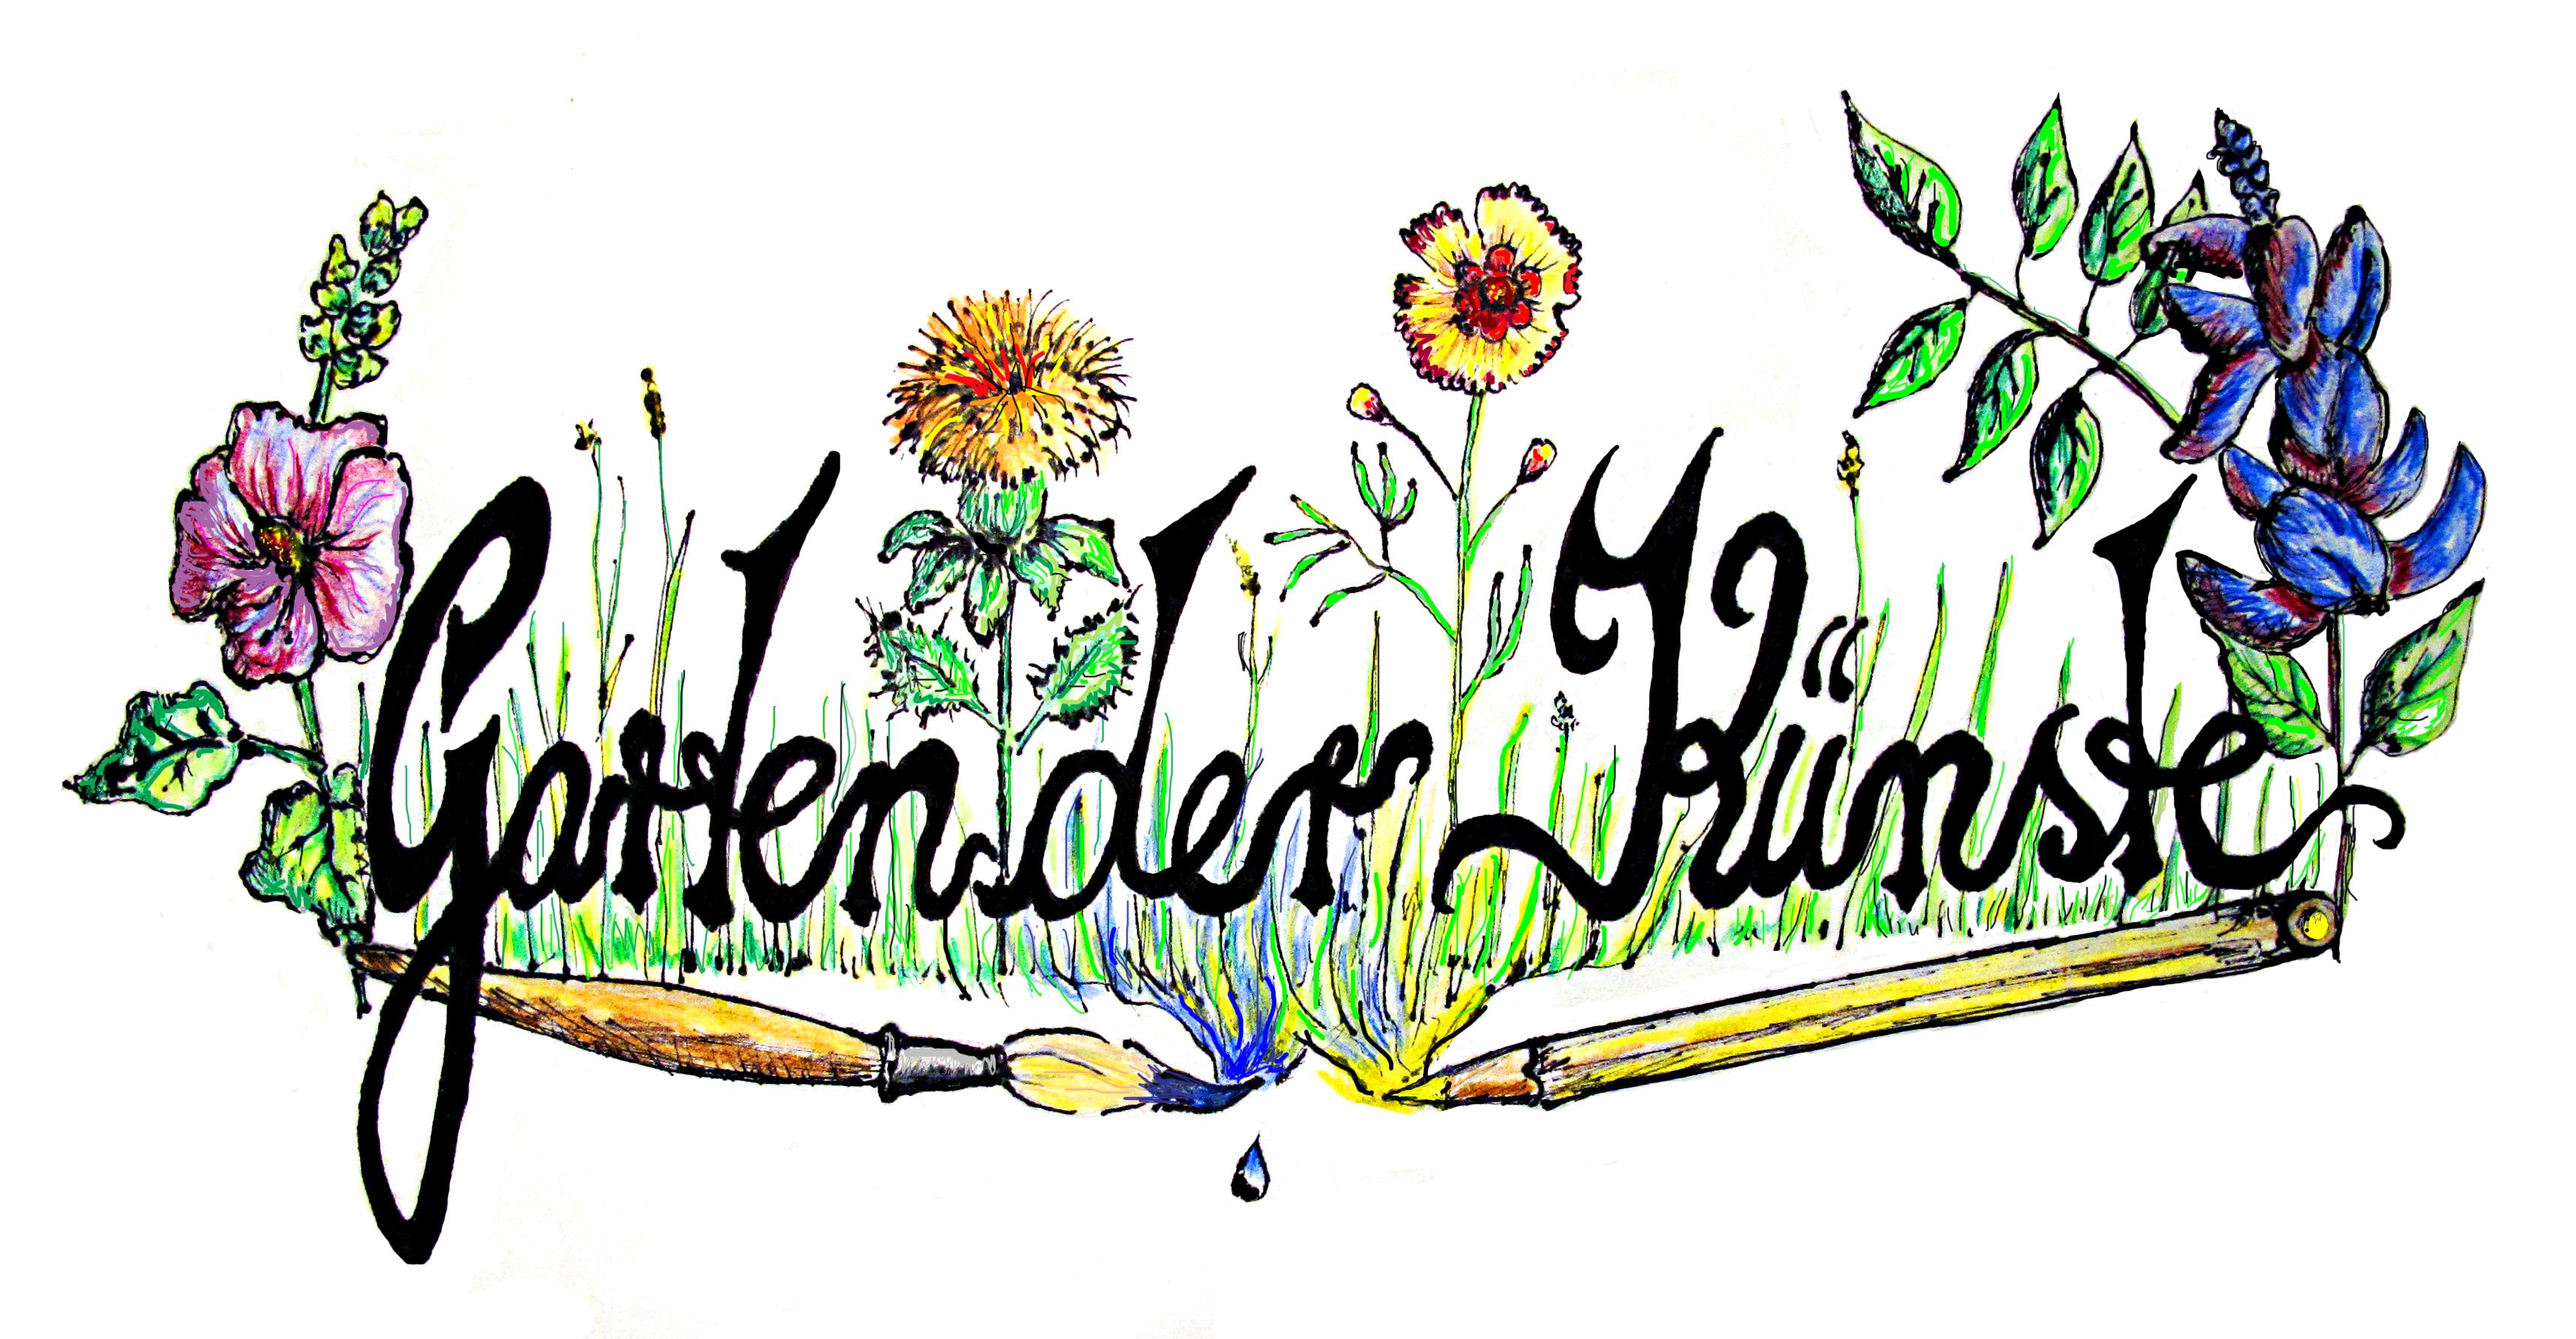 Alchemie auf dem Papier I: Pflanzenfarben herstellen